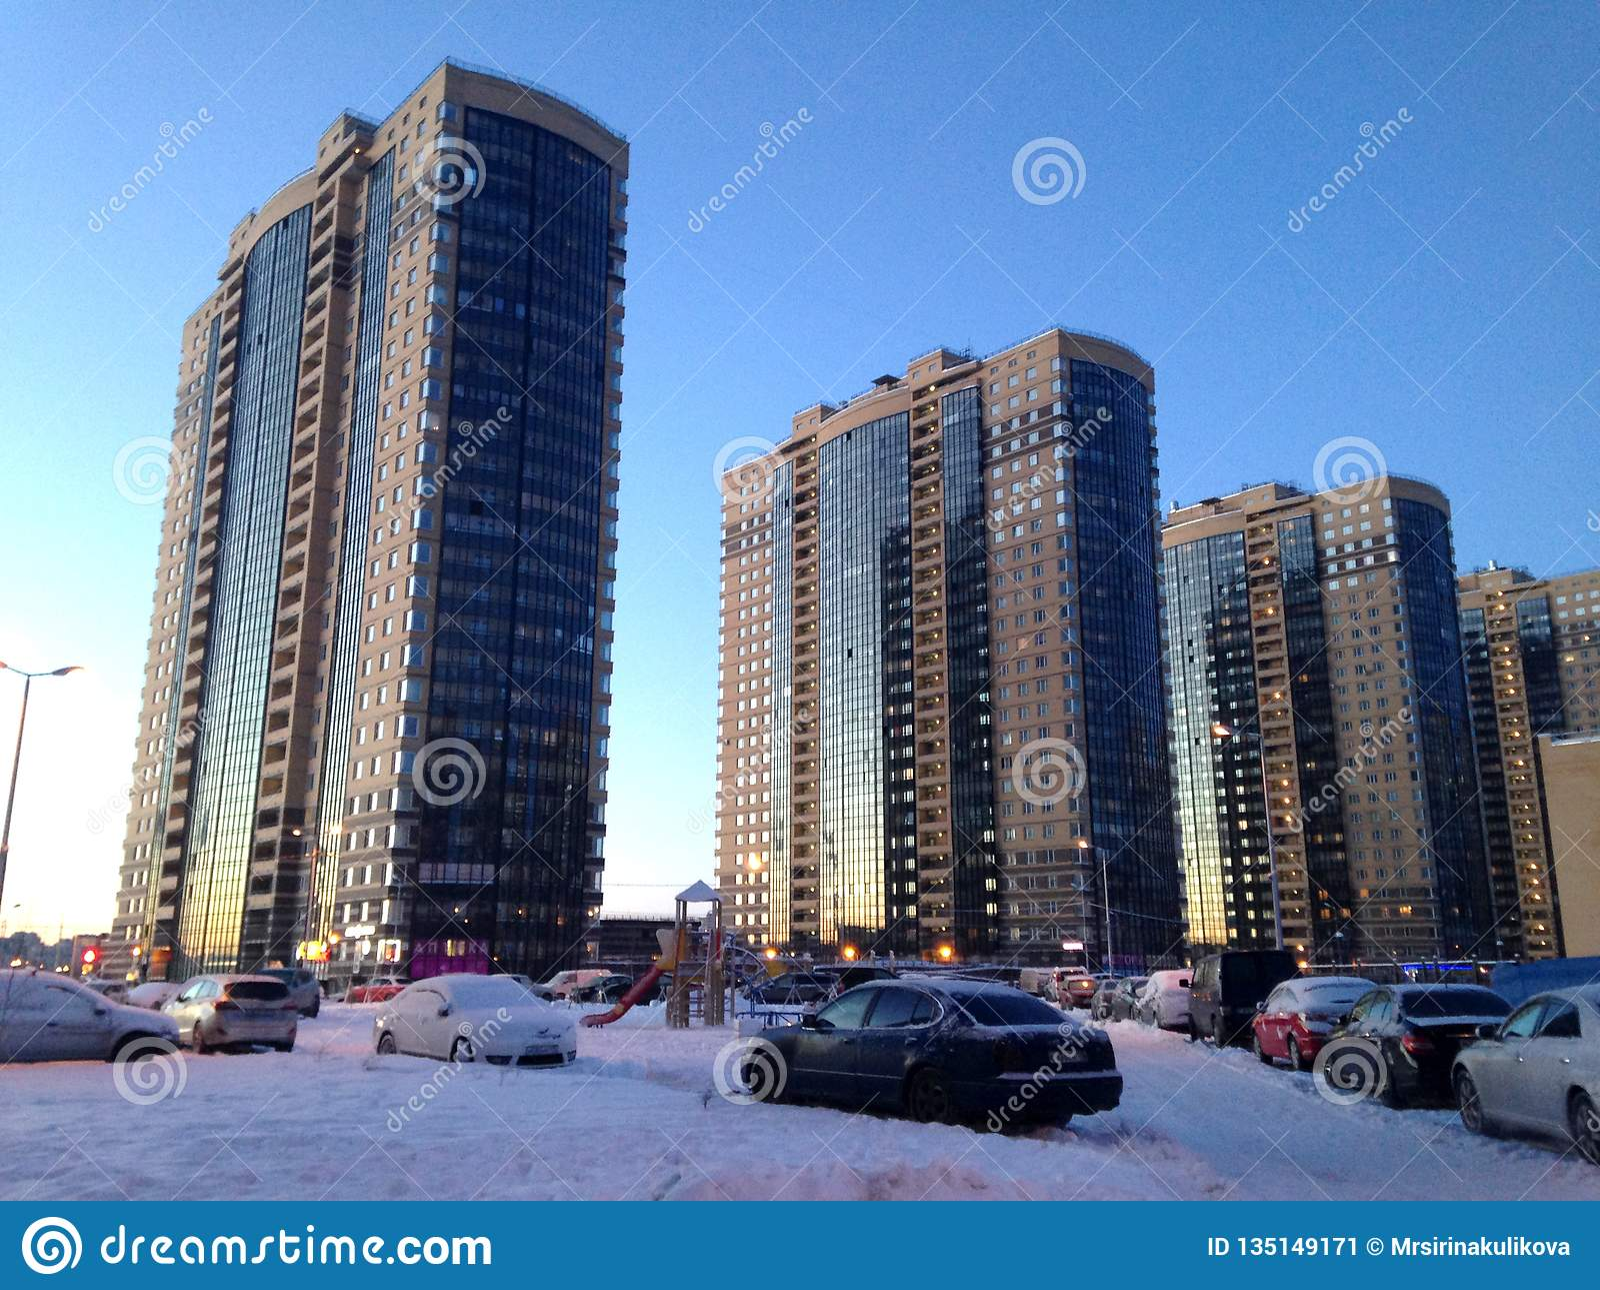 Санкт-Петербург, Россия - 9-ое февраля 2015: Новые жилые дома мульти-этажа в жилом районе северной долины